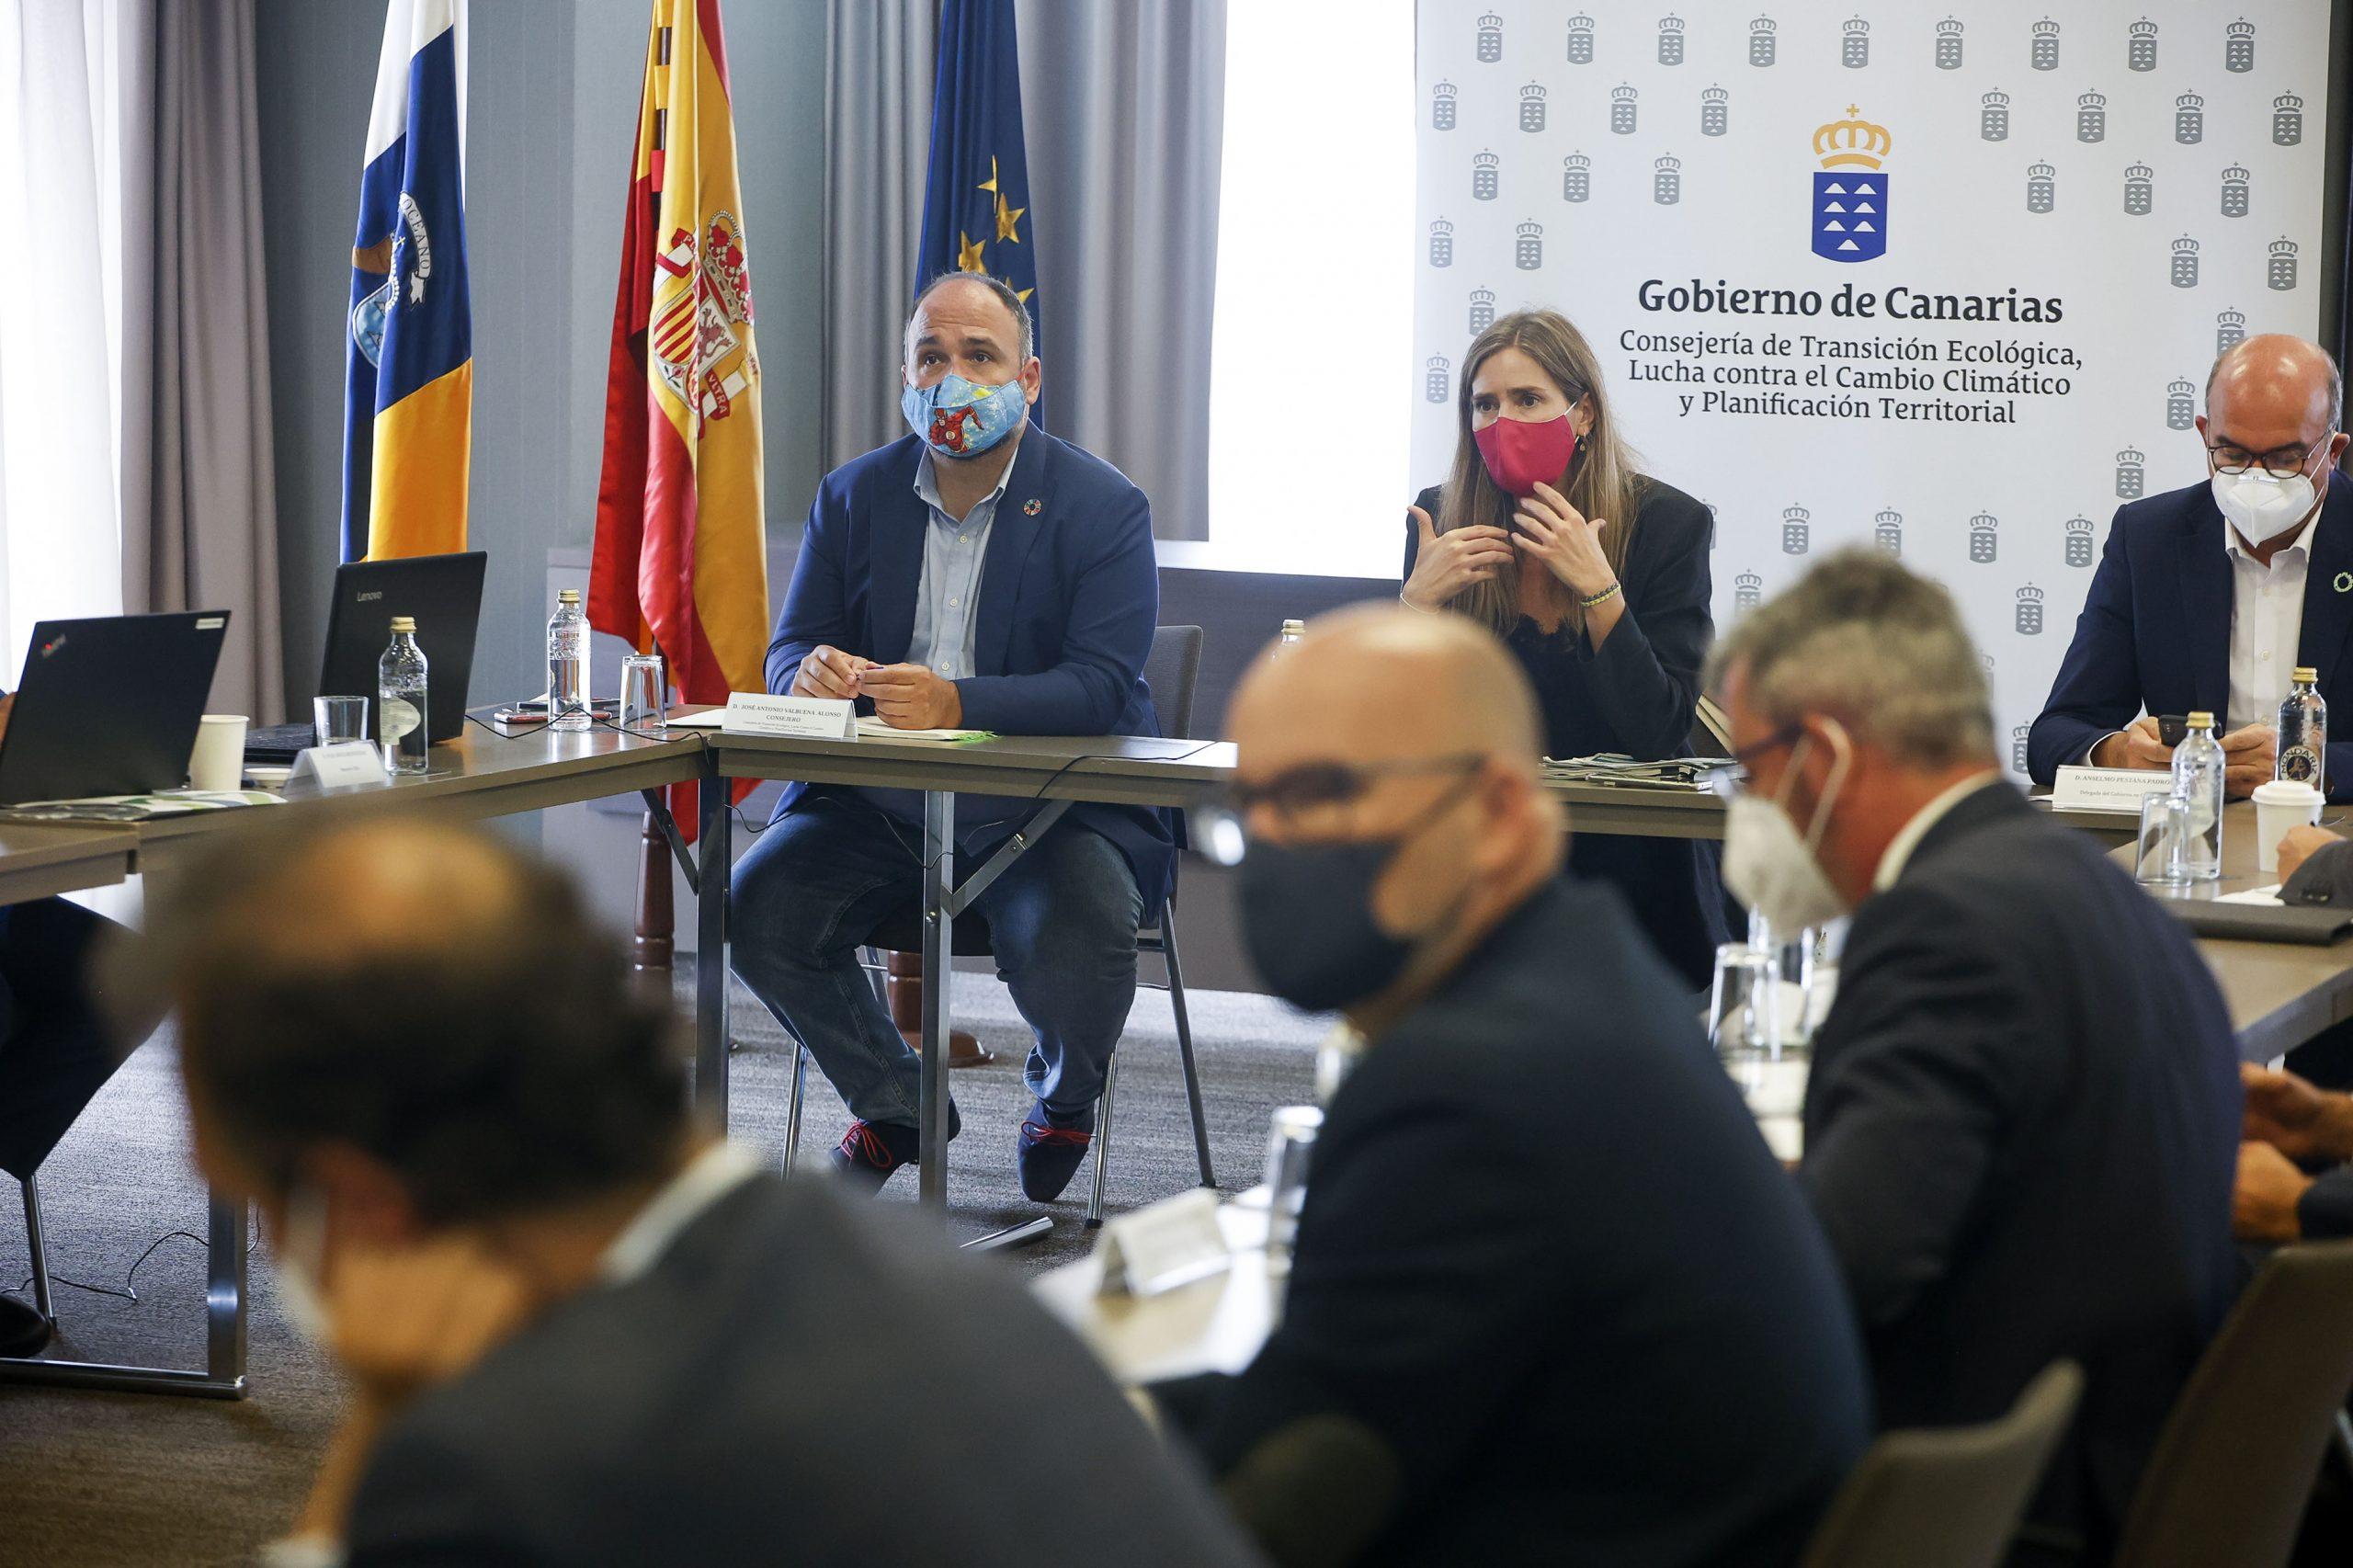 Reunion-1-scaled Canarias recibirá 470 millones para invertir en renovables